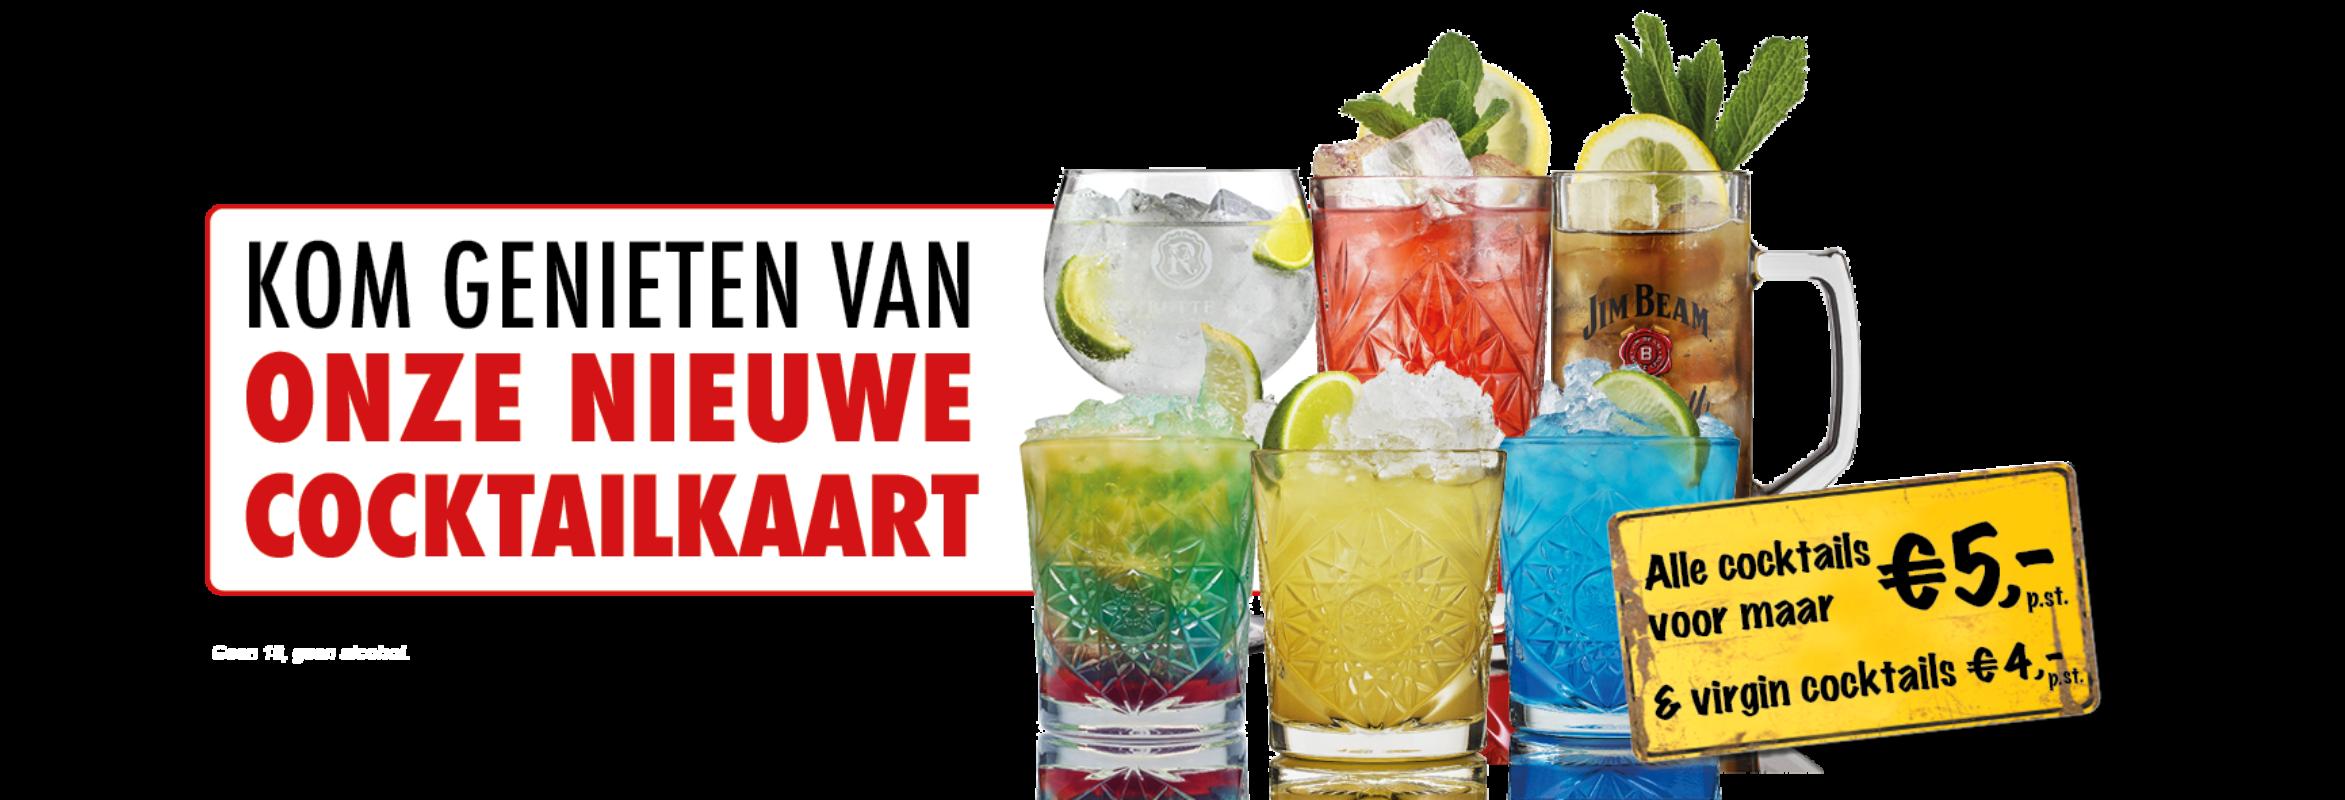 La Cubanita Cocktailkaart NIEUW 2020 Website banner Homepage v1